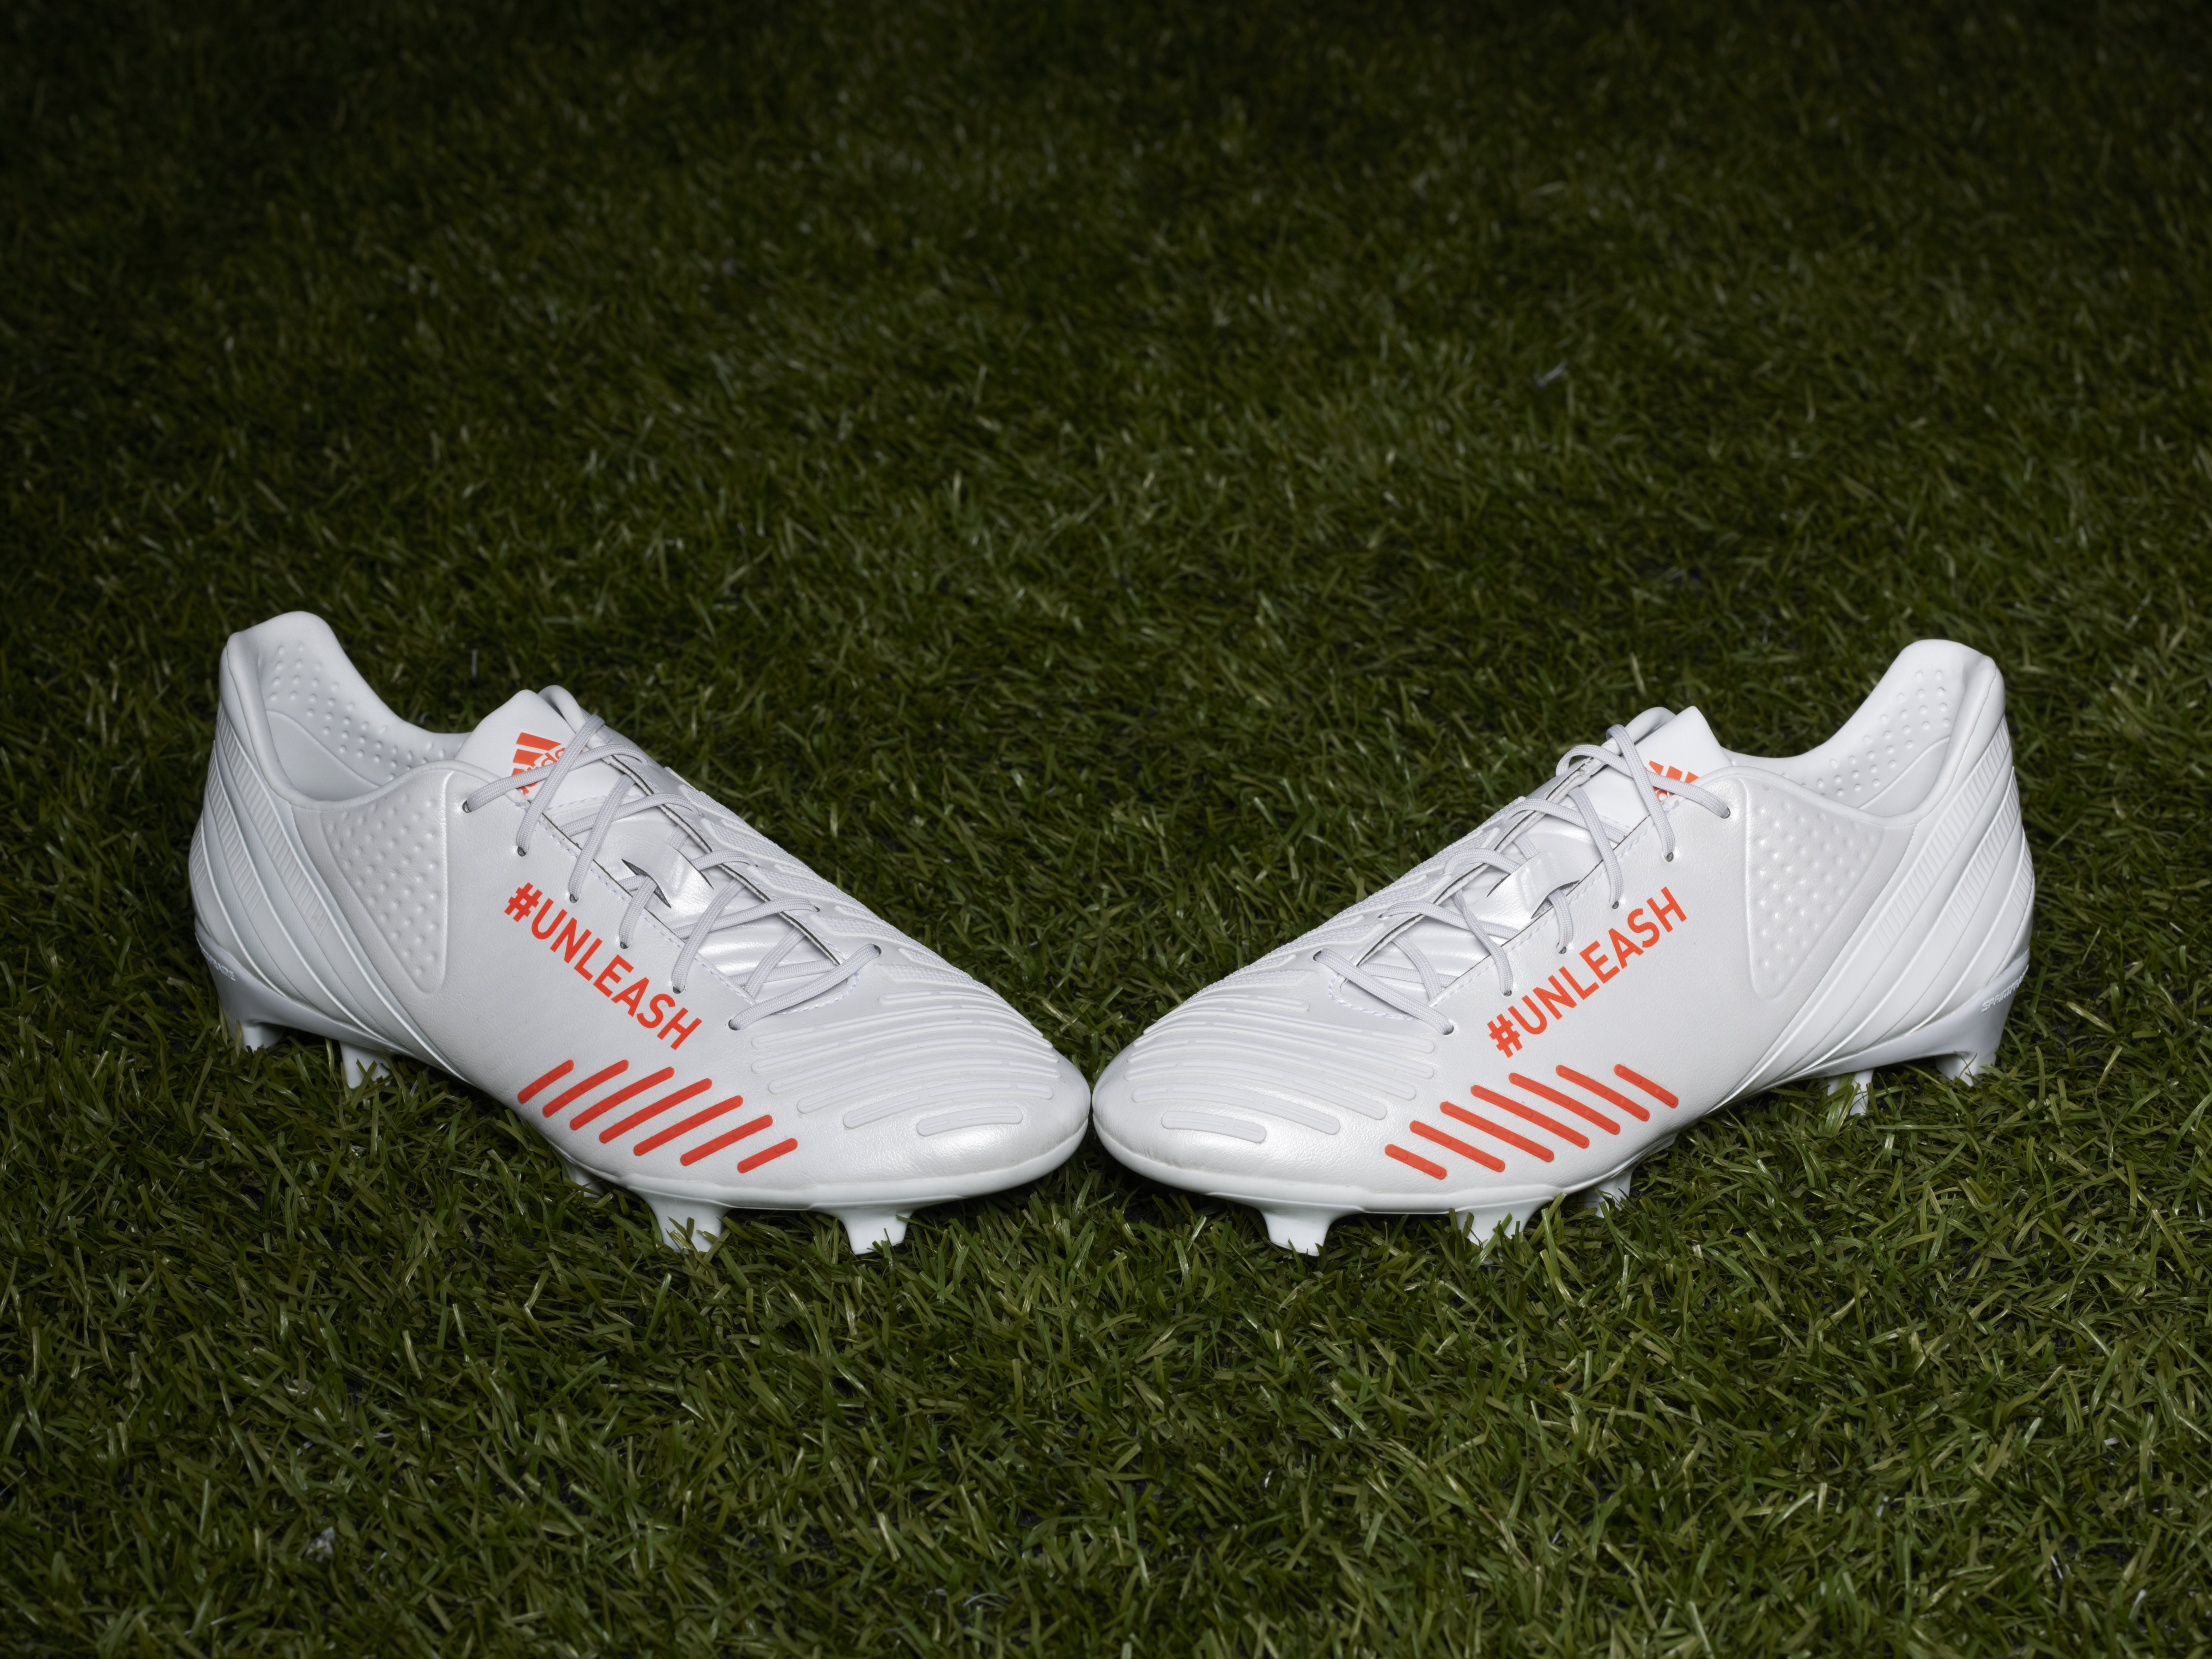 O cualquiera Están familiarizados Del Norte  Football boot release tease: adidas Predator LZ (Lethal Zones) – that was  Dribble – SportLocker